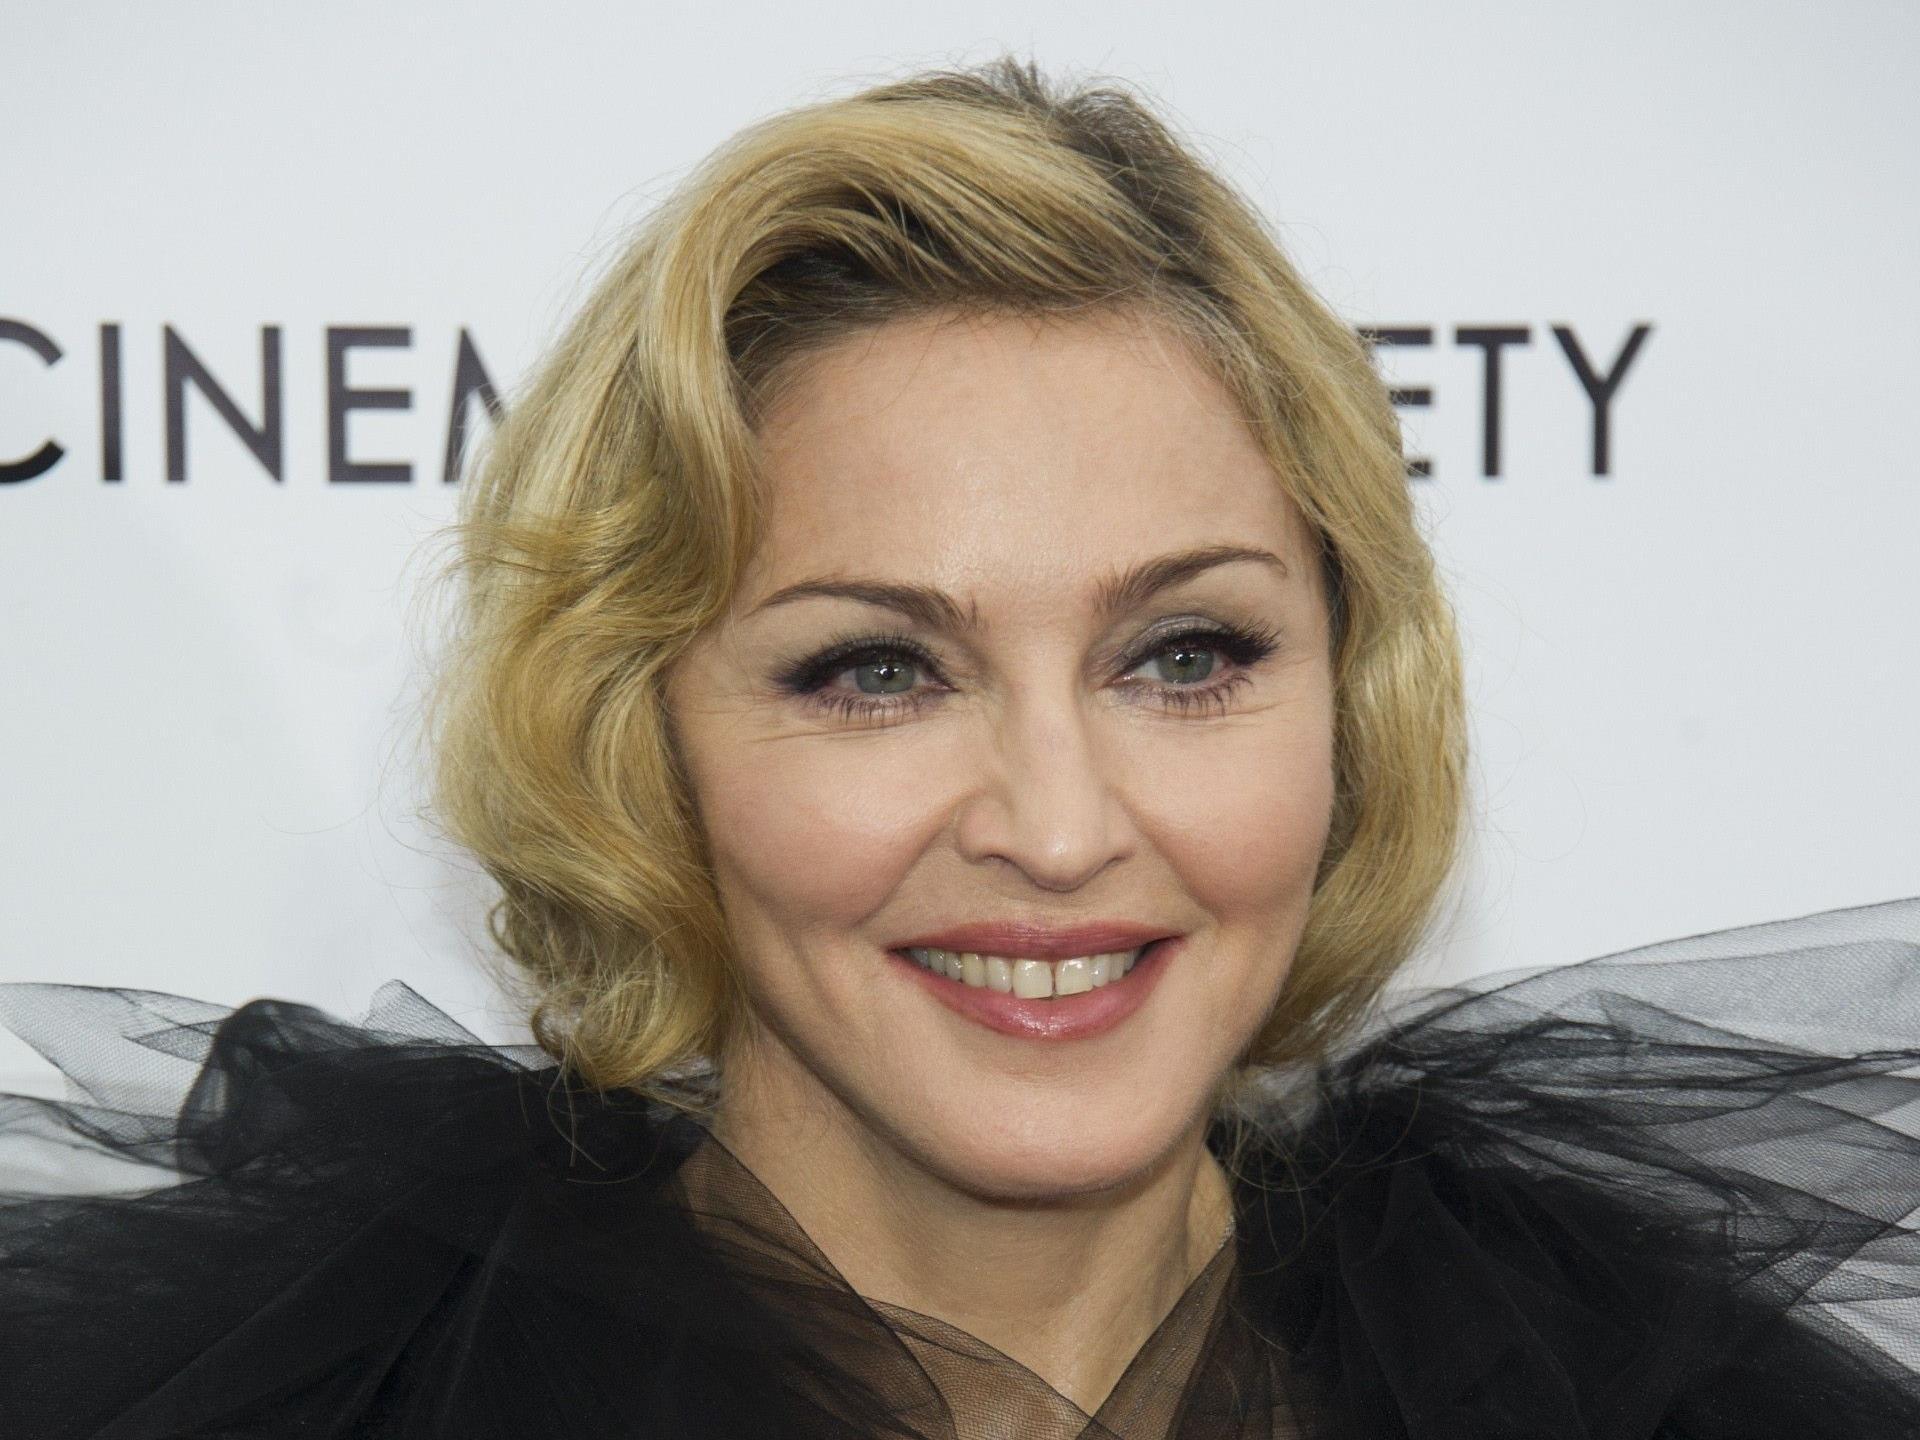 Madonna durfte sich viele Jahre vor dem Stalker sicher fühlen. Nun beginnt das Bangen erneut.